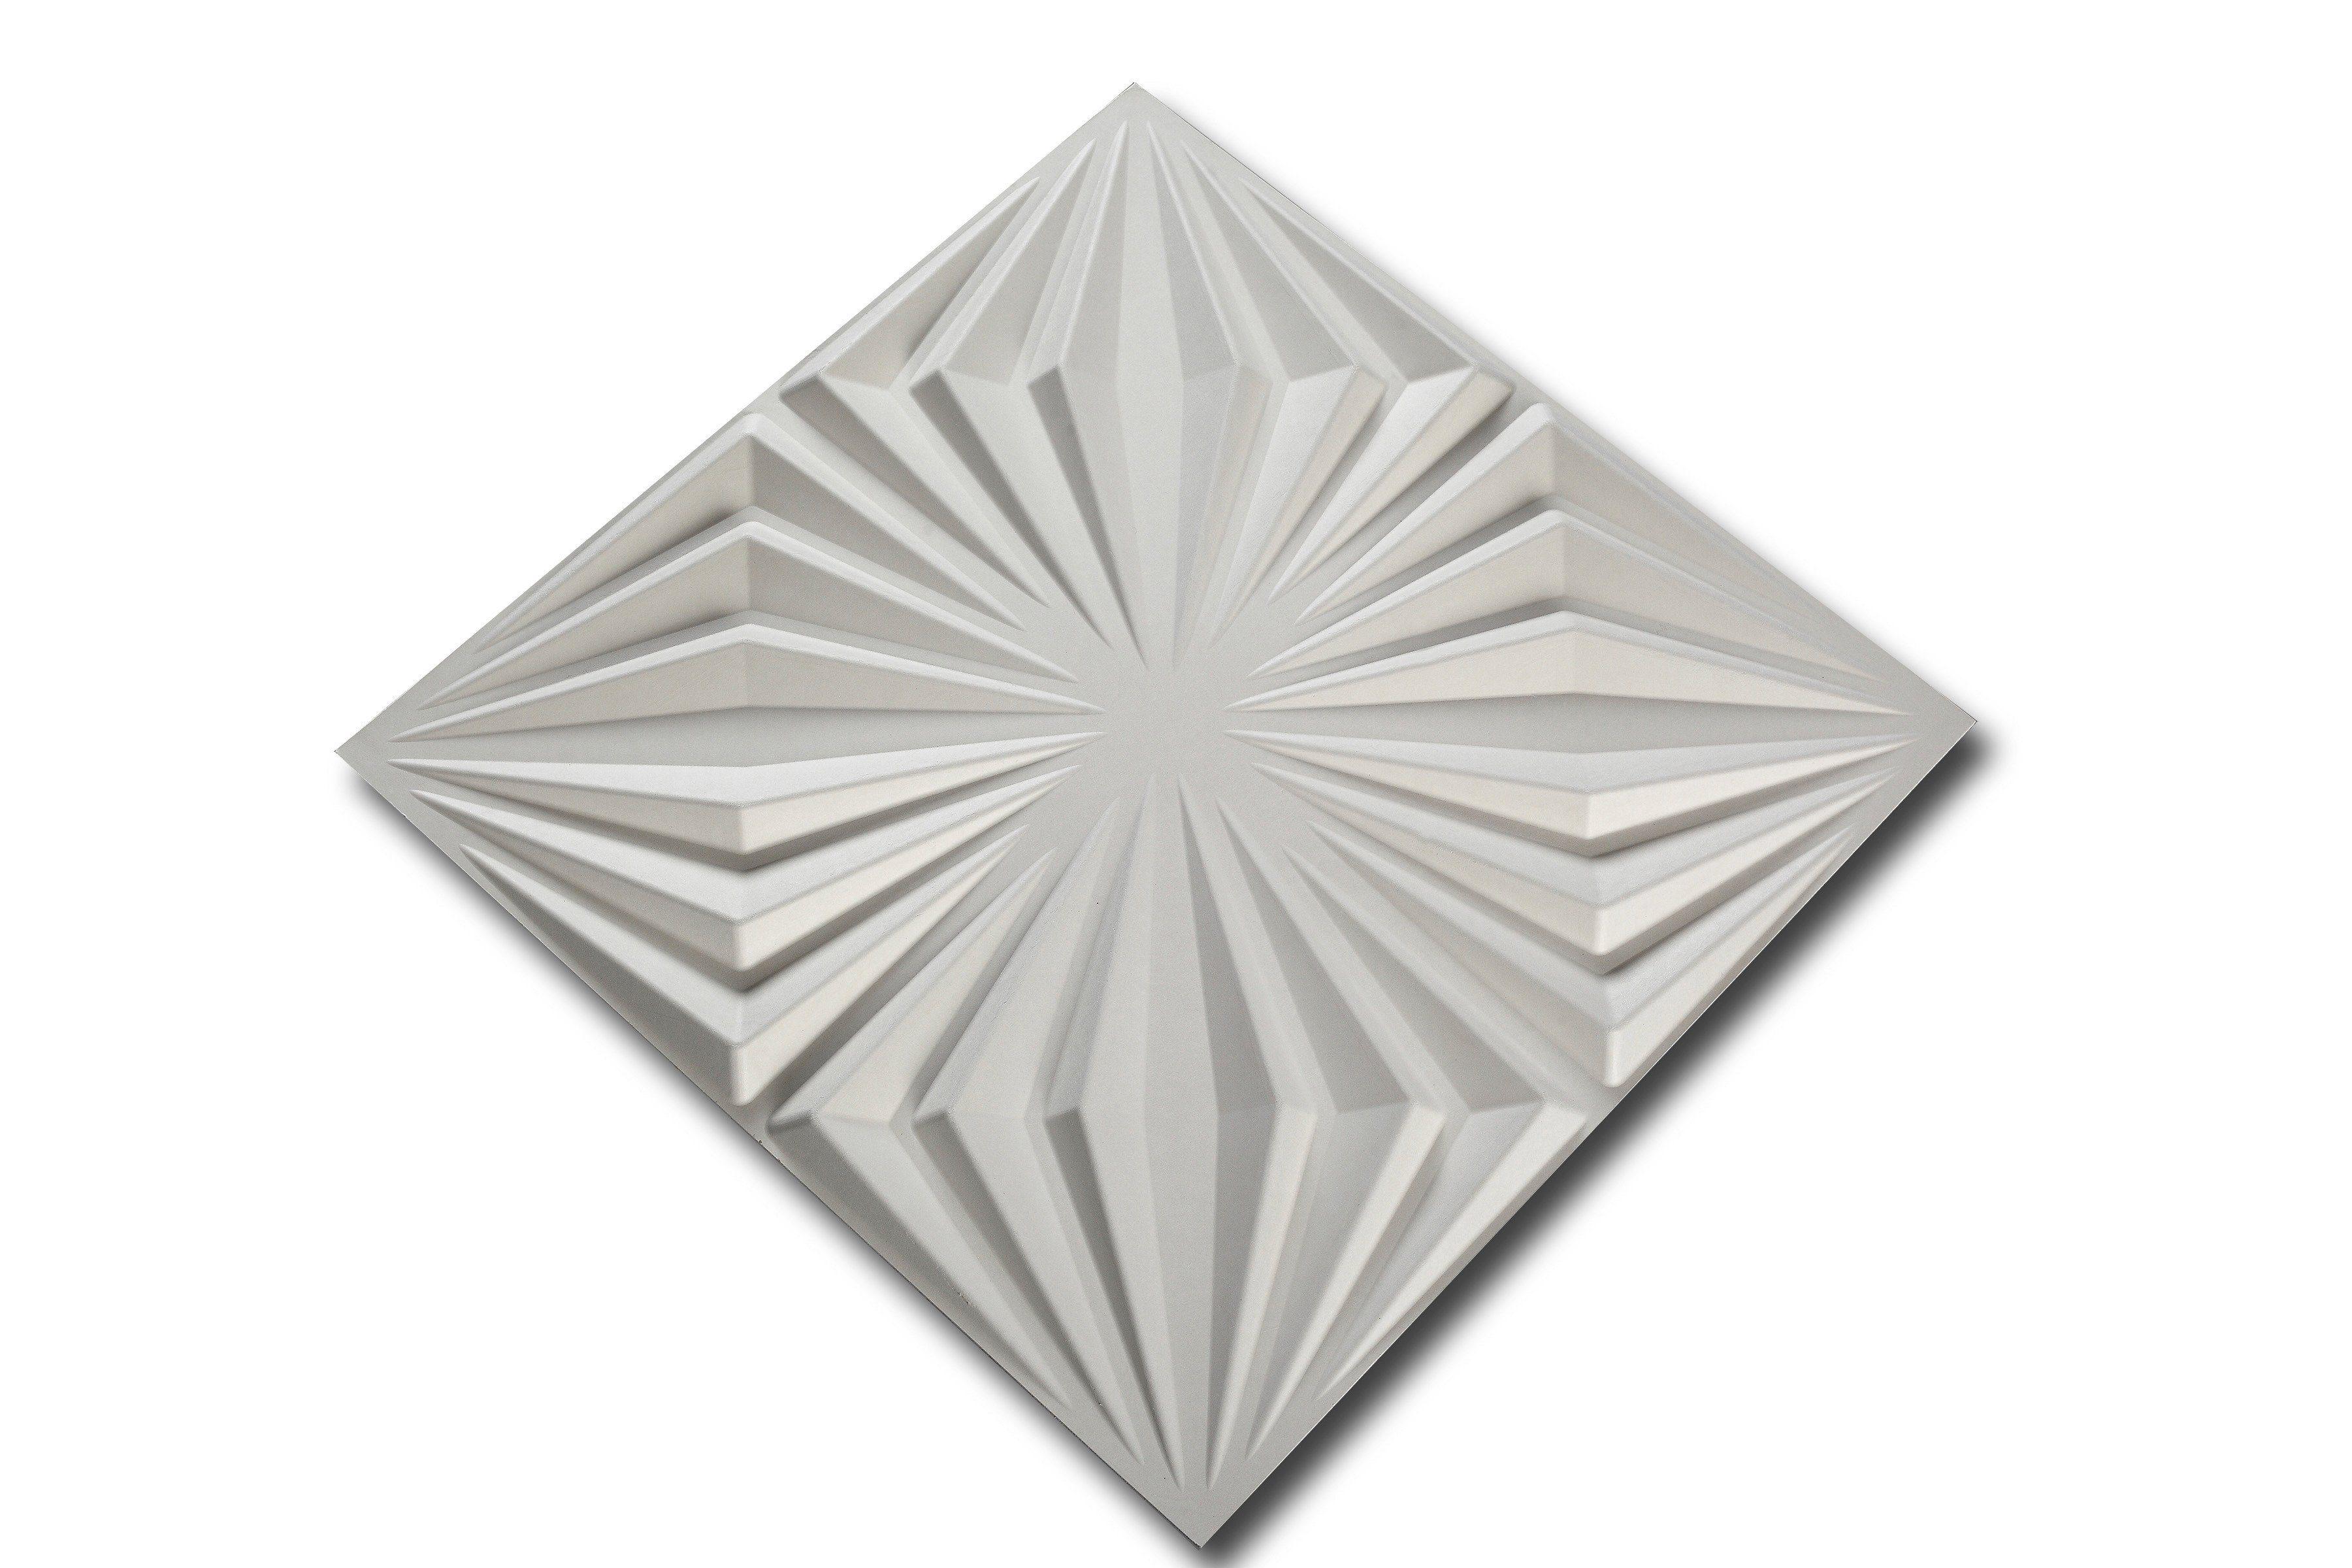 3D Wandpaneel »Triton«, 1 m²